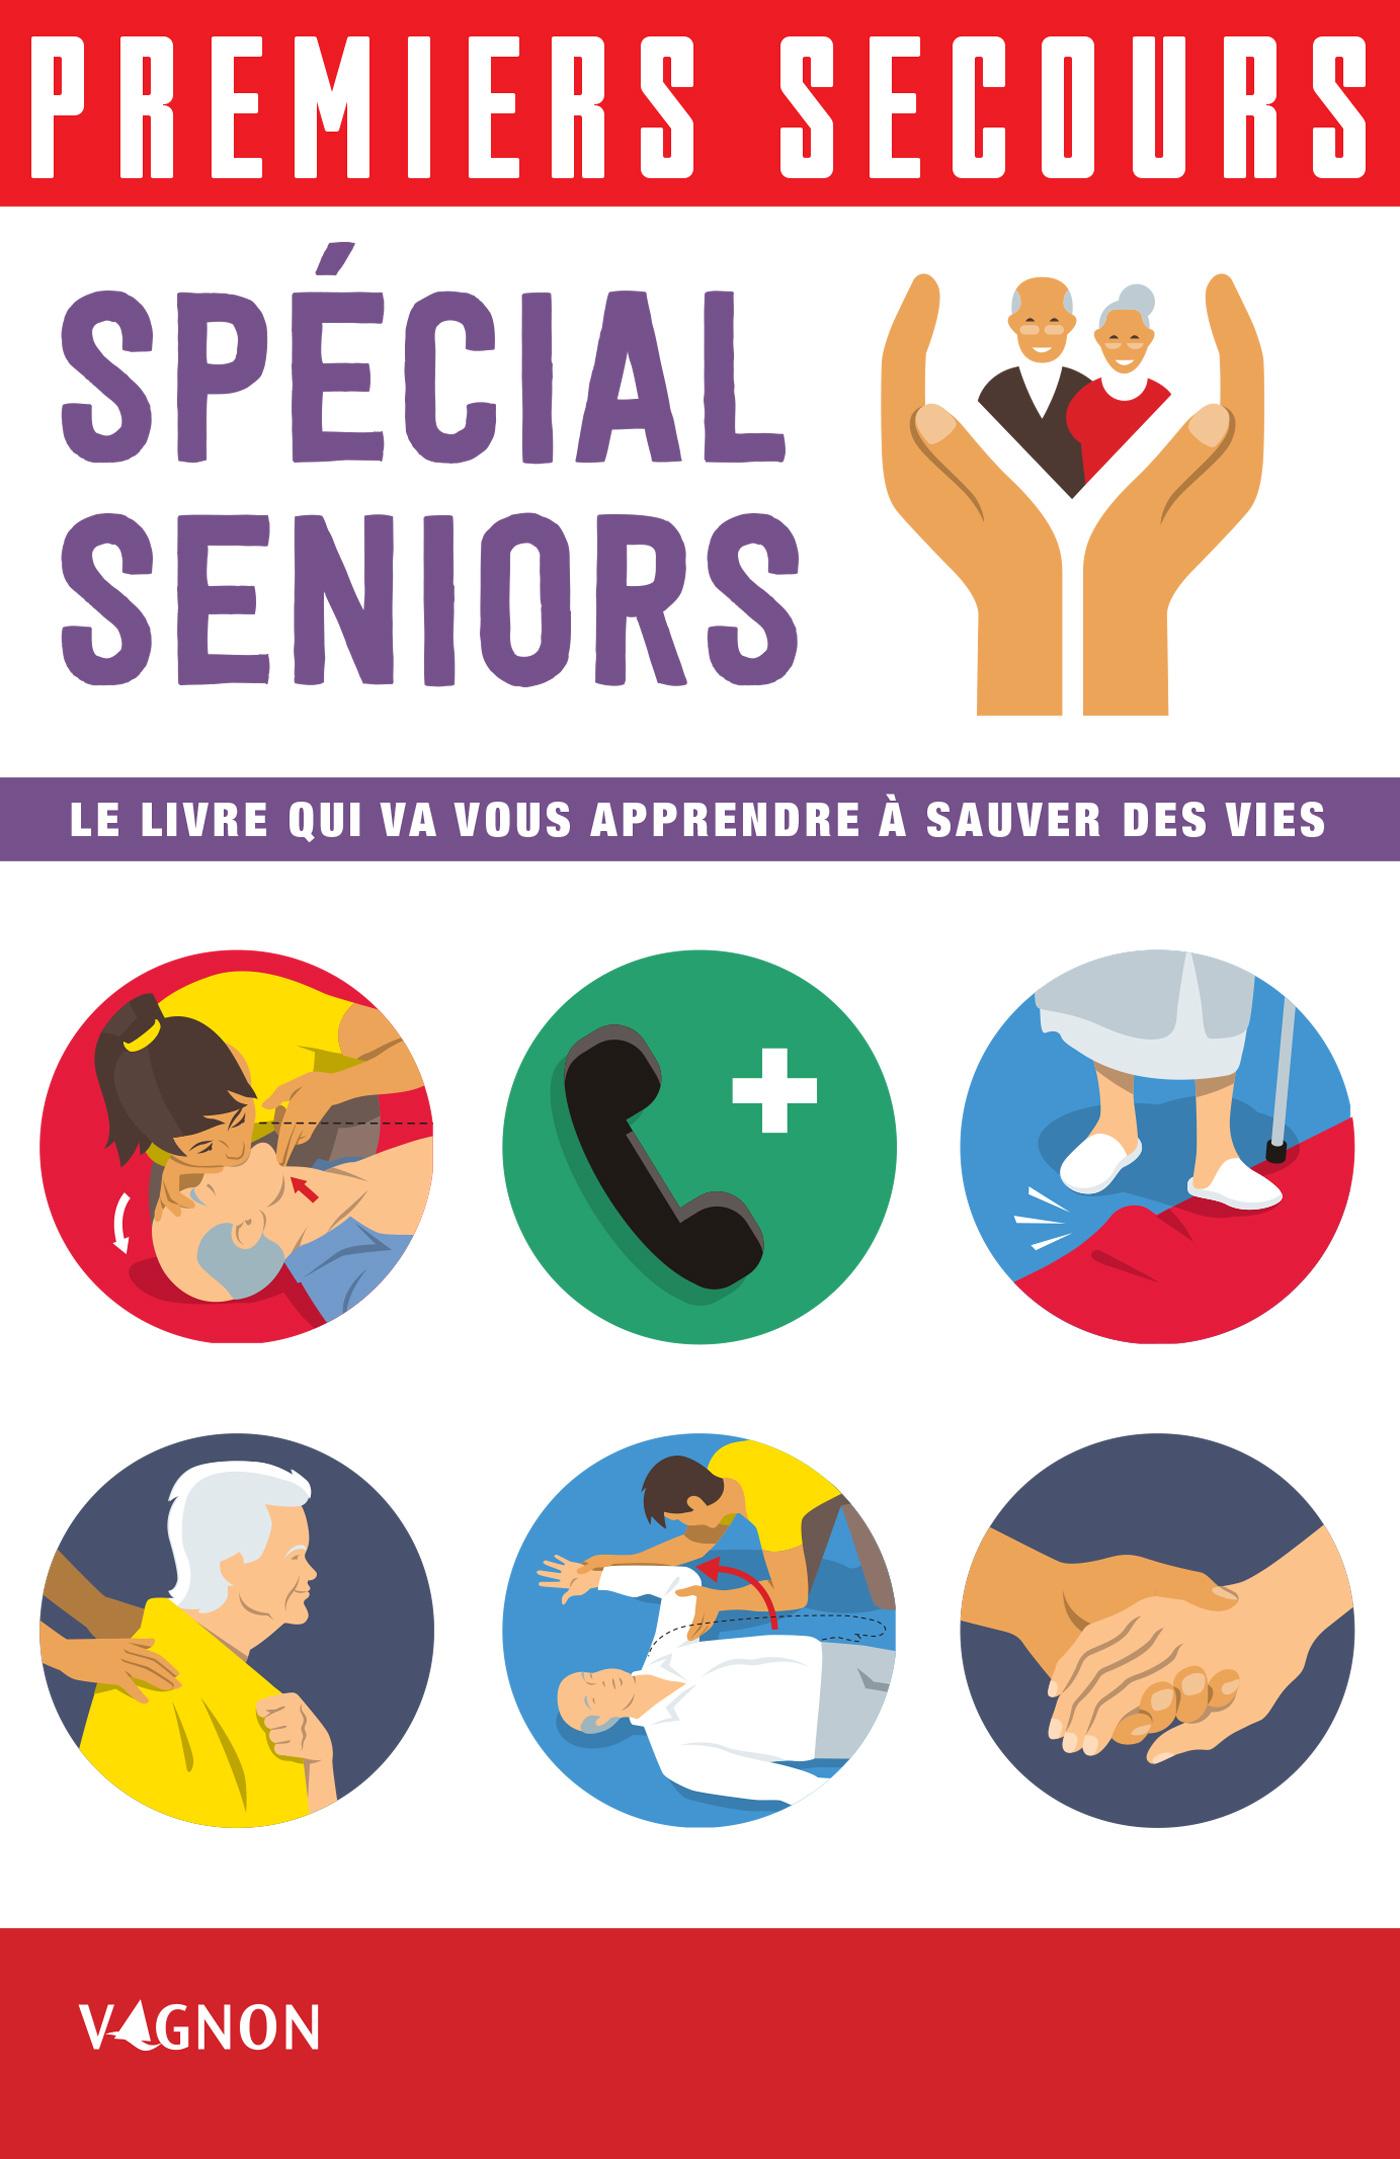 Premiers secours - Spécial seniors